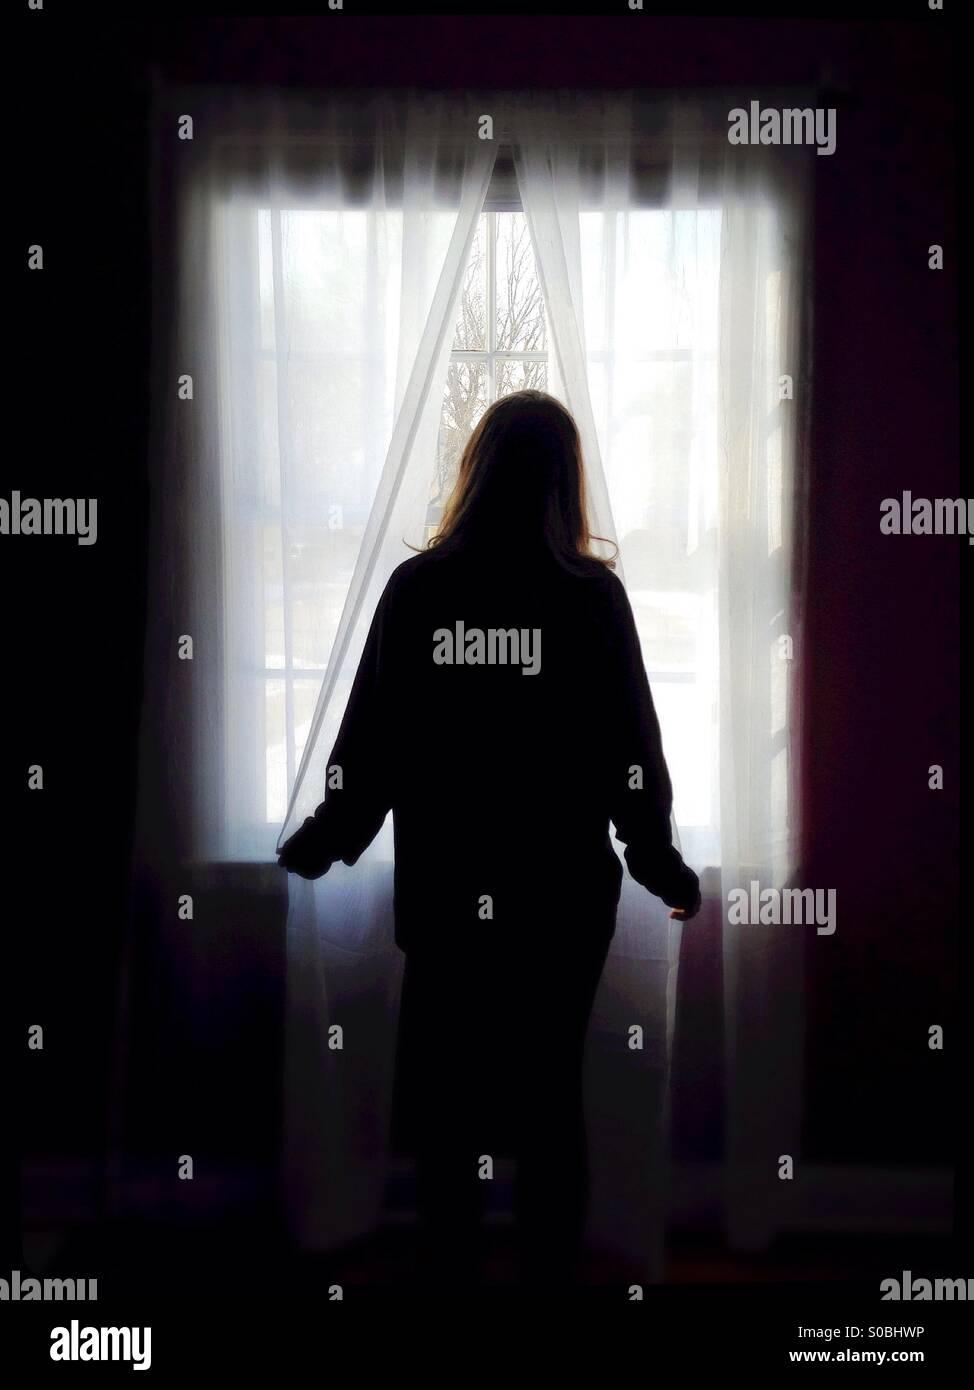 Una mujer de pie en una ventana, mirando afuera. Imagen De Stock